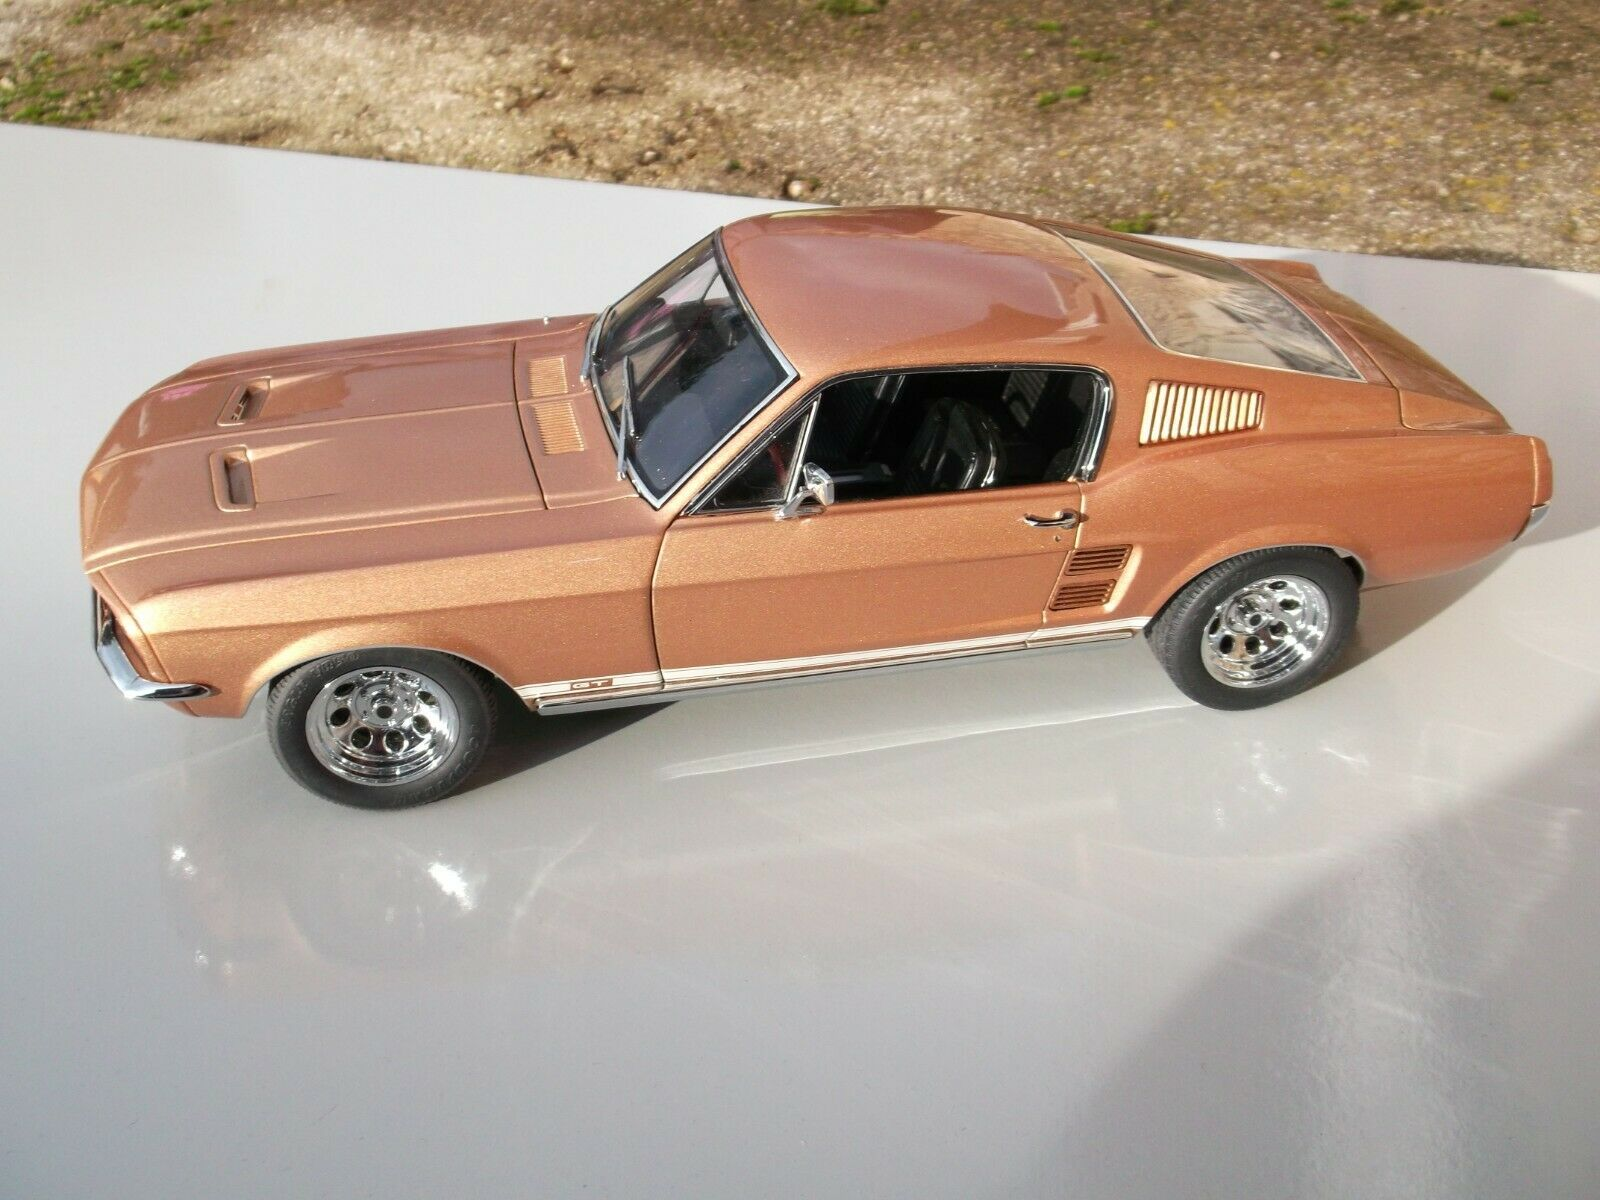 MANUALE OFFICINA UFFICIALE Servizio di Riparazione Ford Mustang V 2004-2009